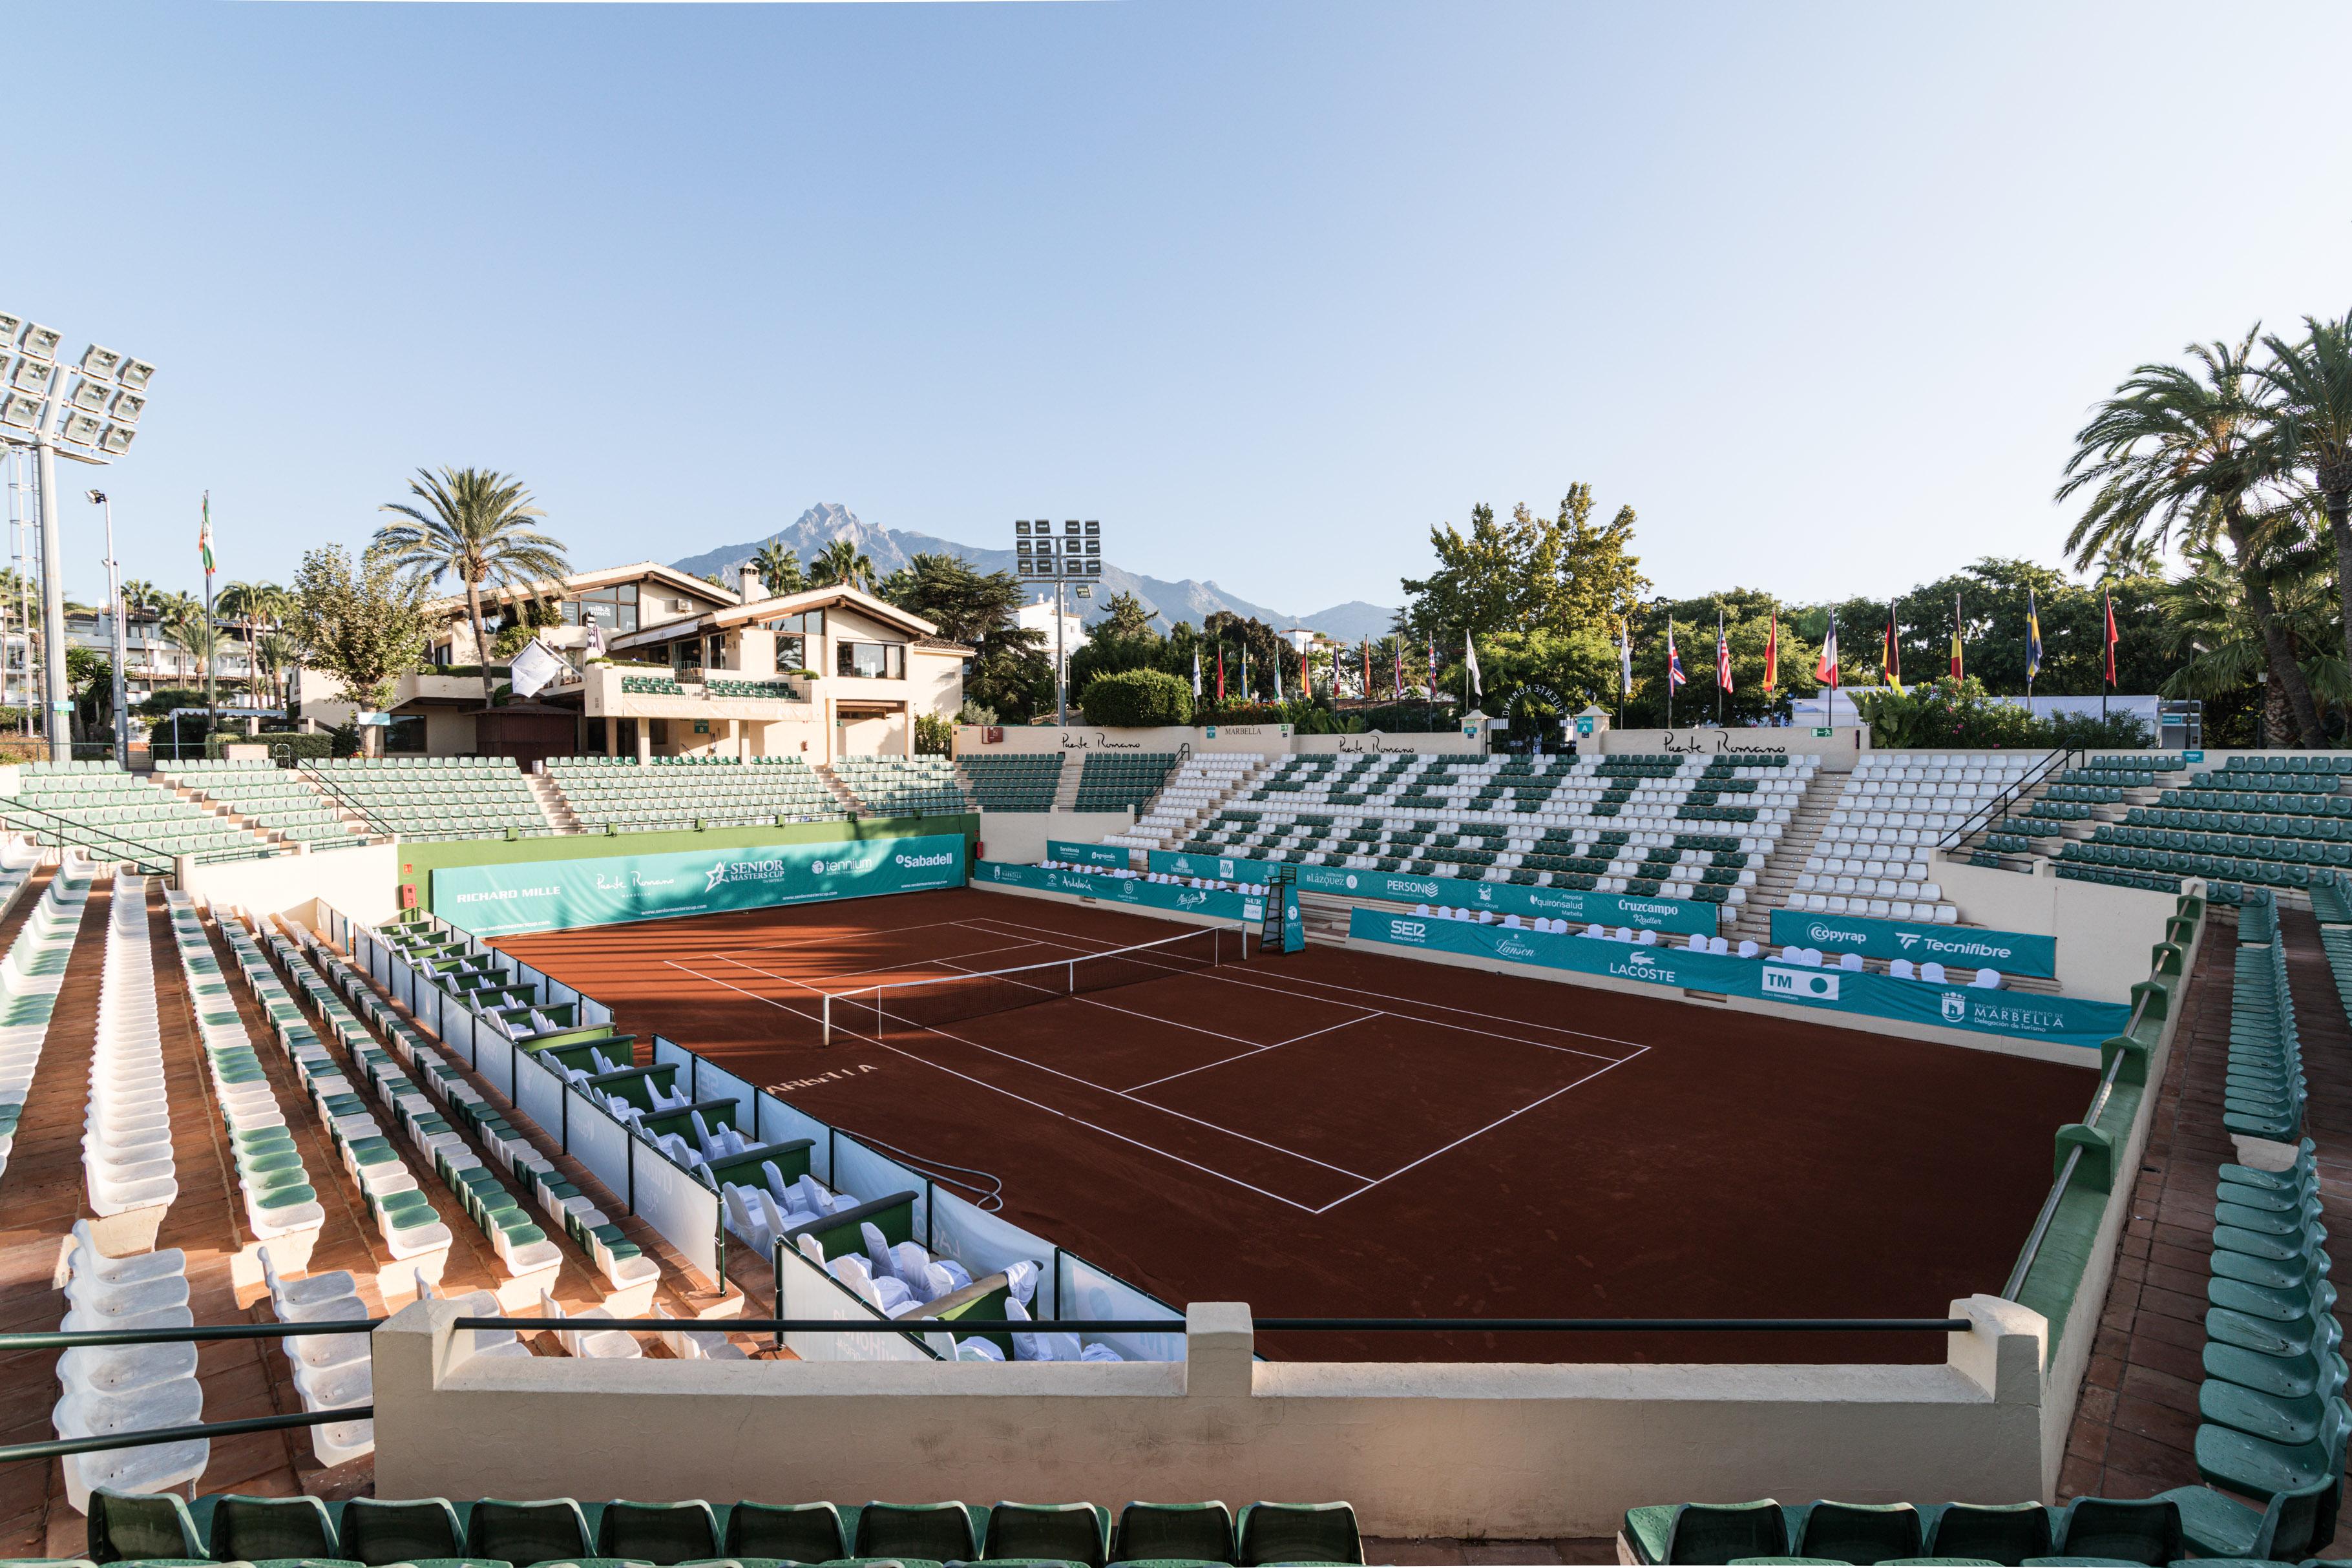 club-de-tenis-puente-romano-6